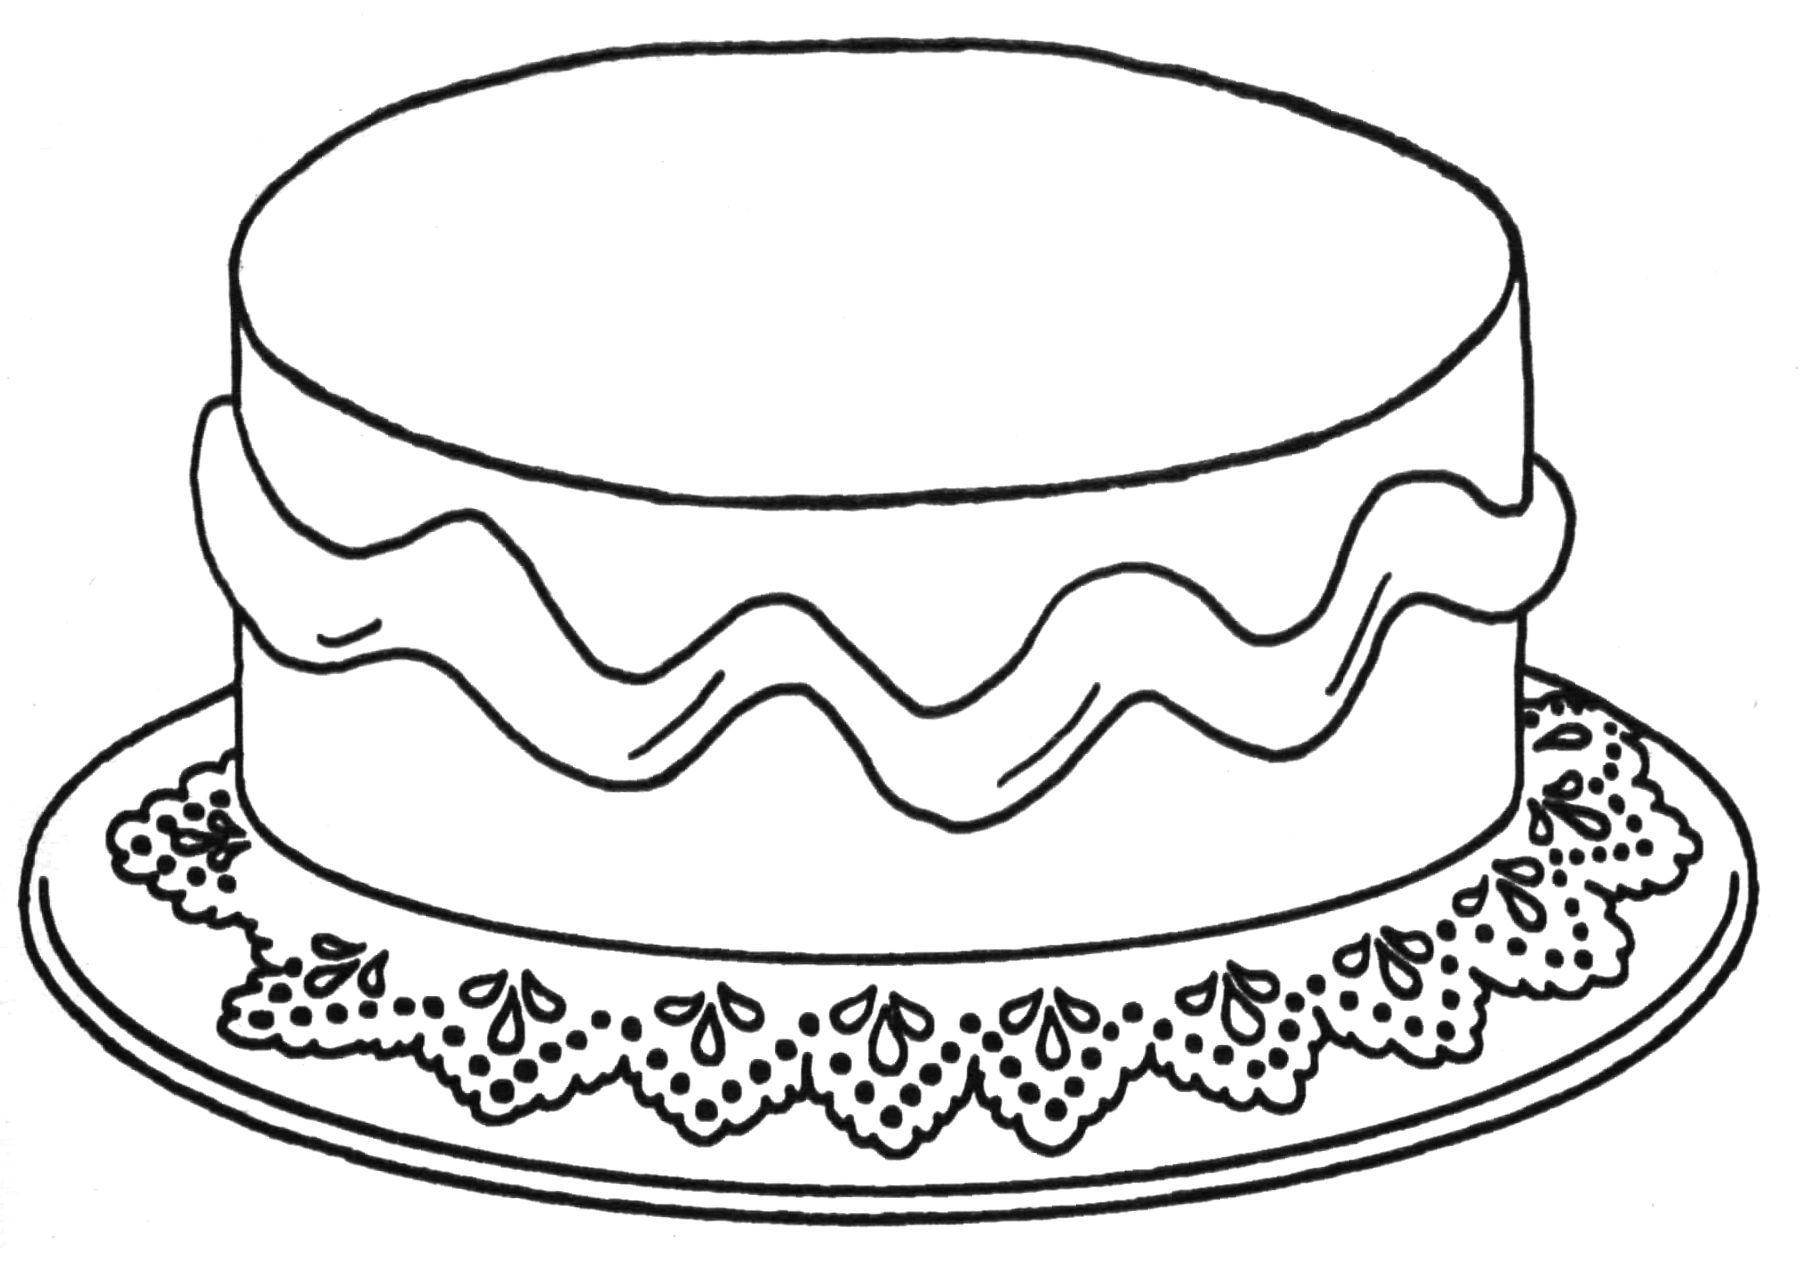 afbeeldingsresultaat voor kleurplaat verjaardagstaart